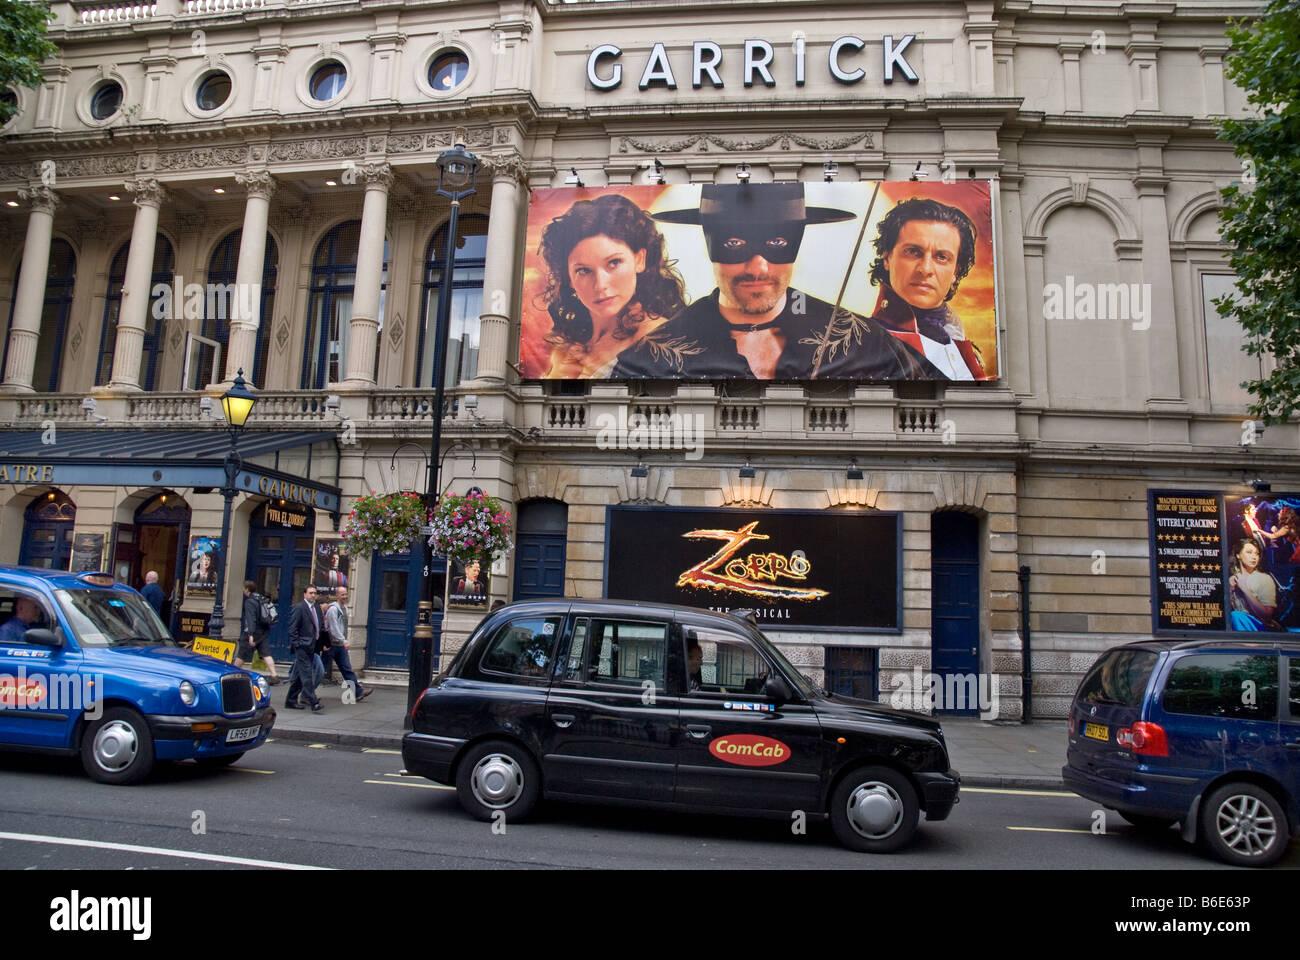 CARRICK THEATRE Stock Photo